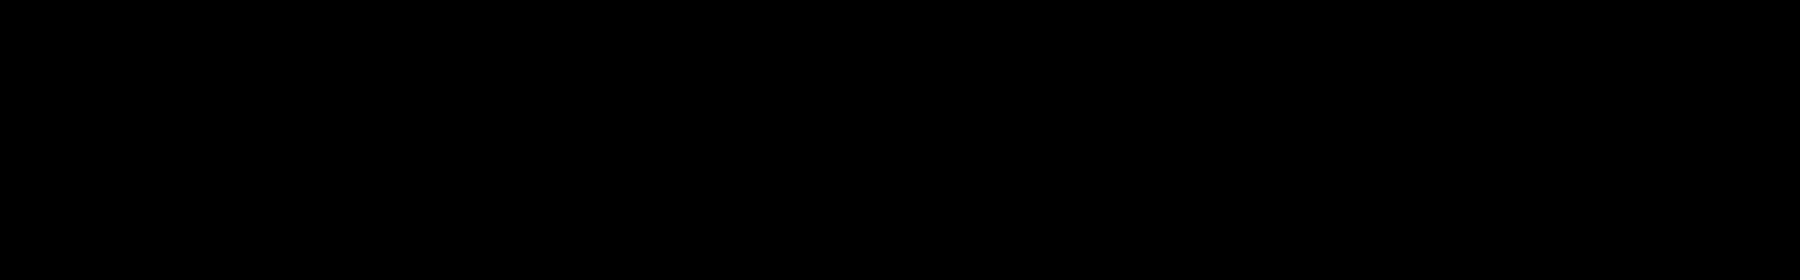 Cthulhu Godz 1 audio waveform